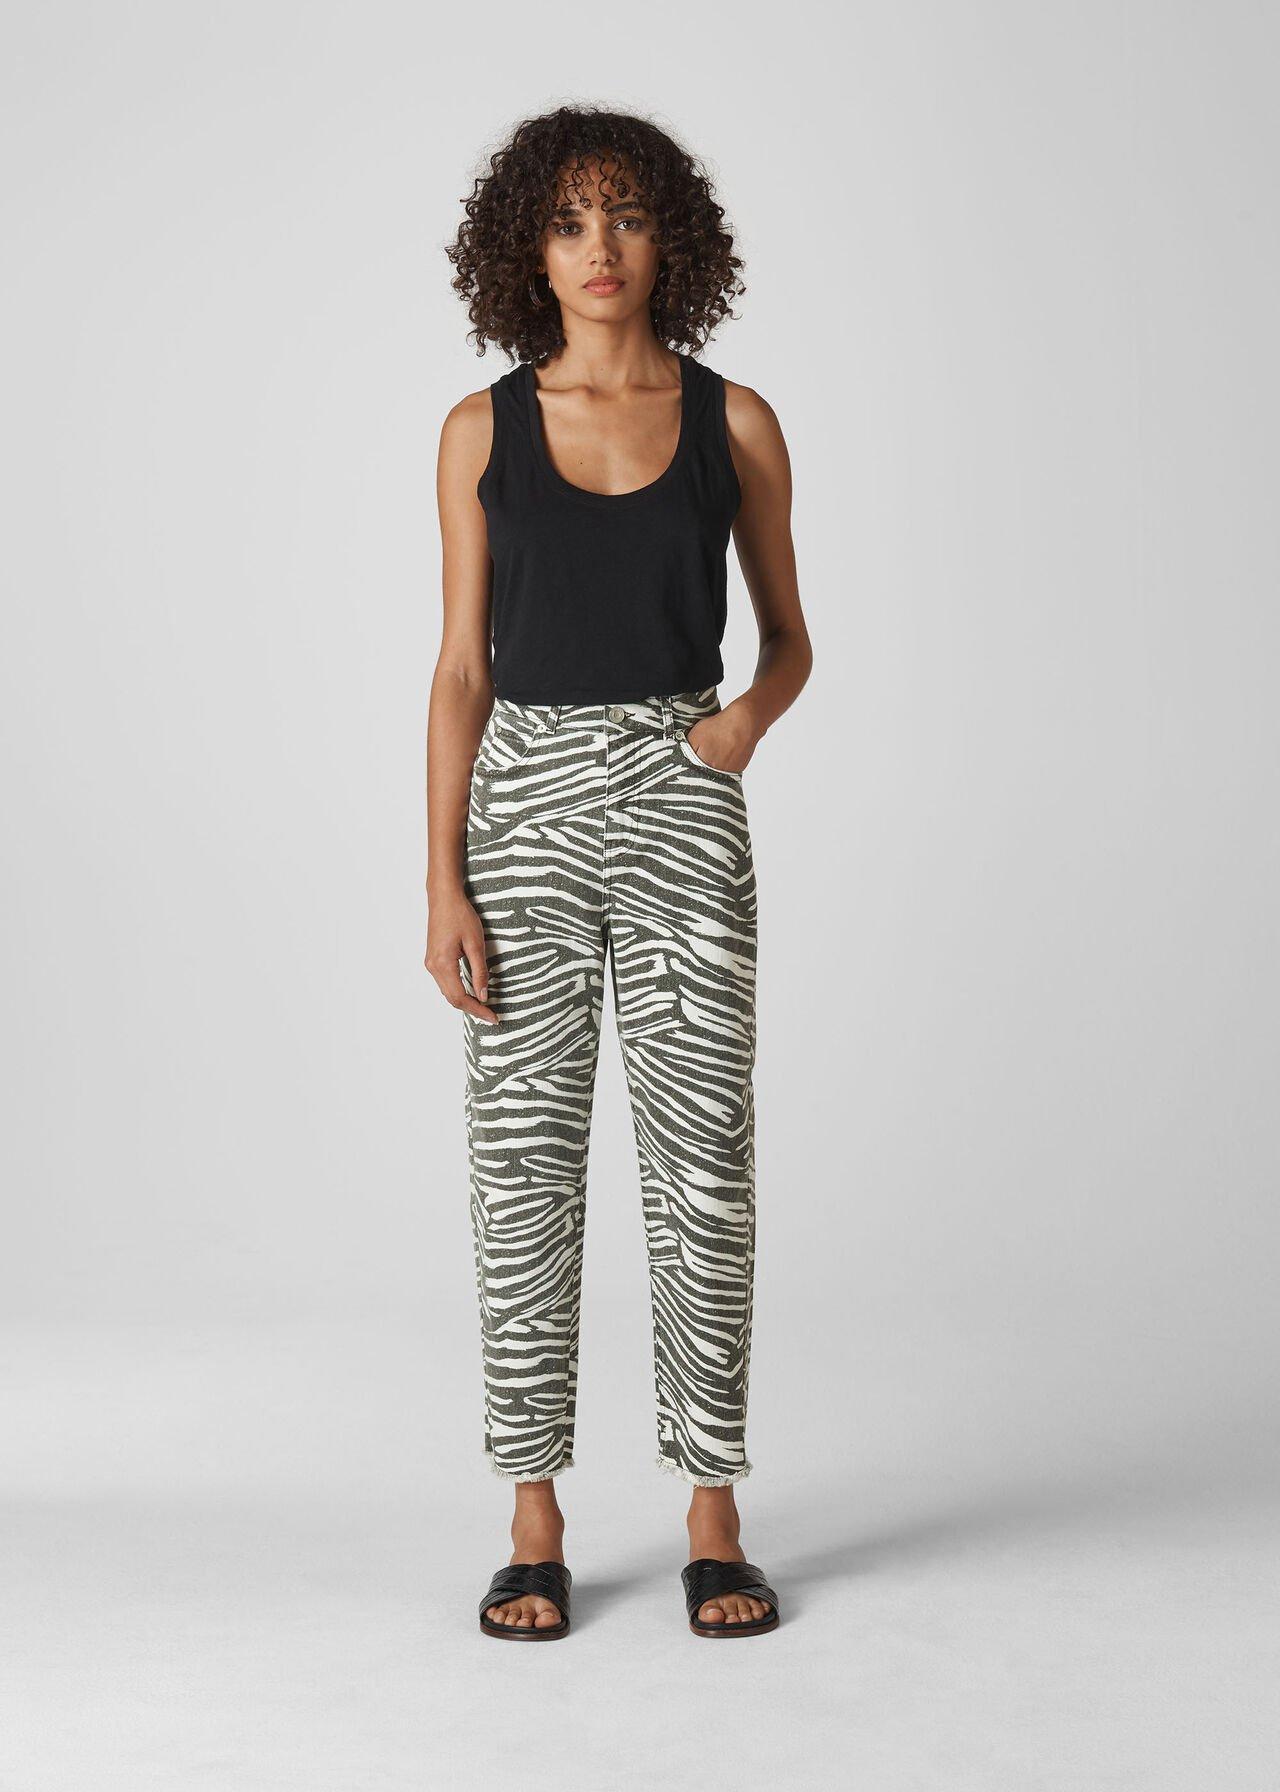 Zebra Print High Waist Barrel Jean | WHISTLES | Whistles